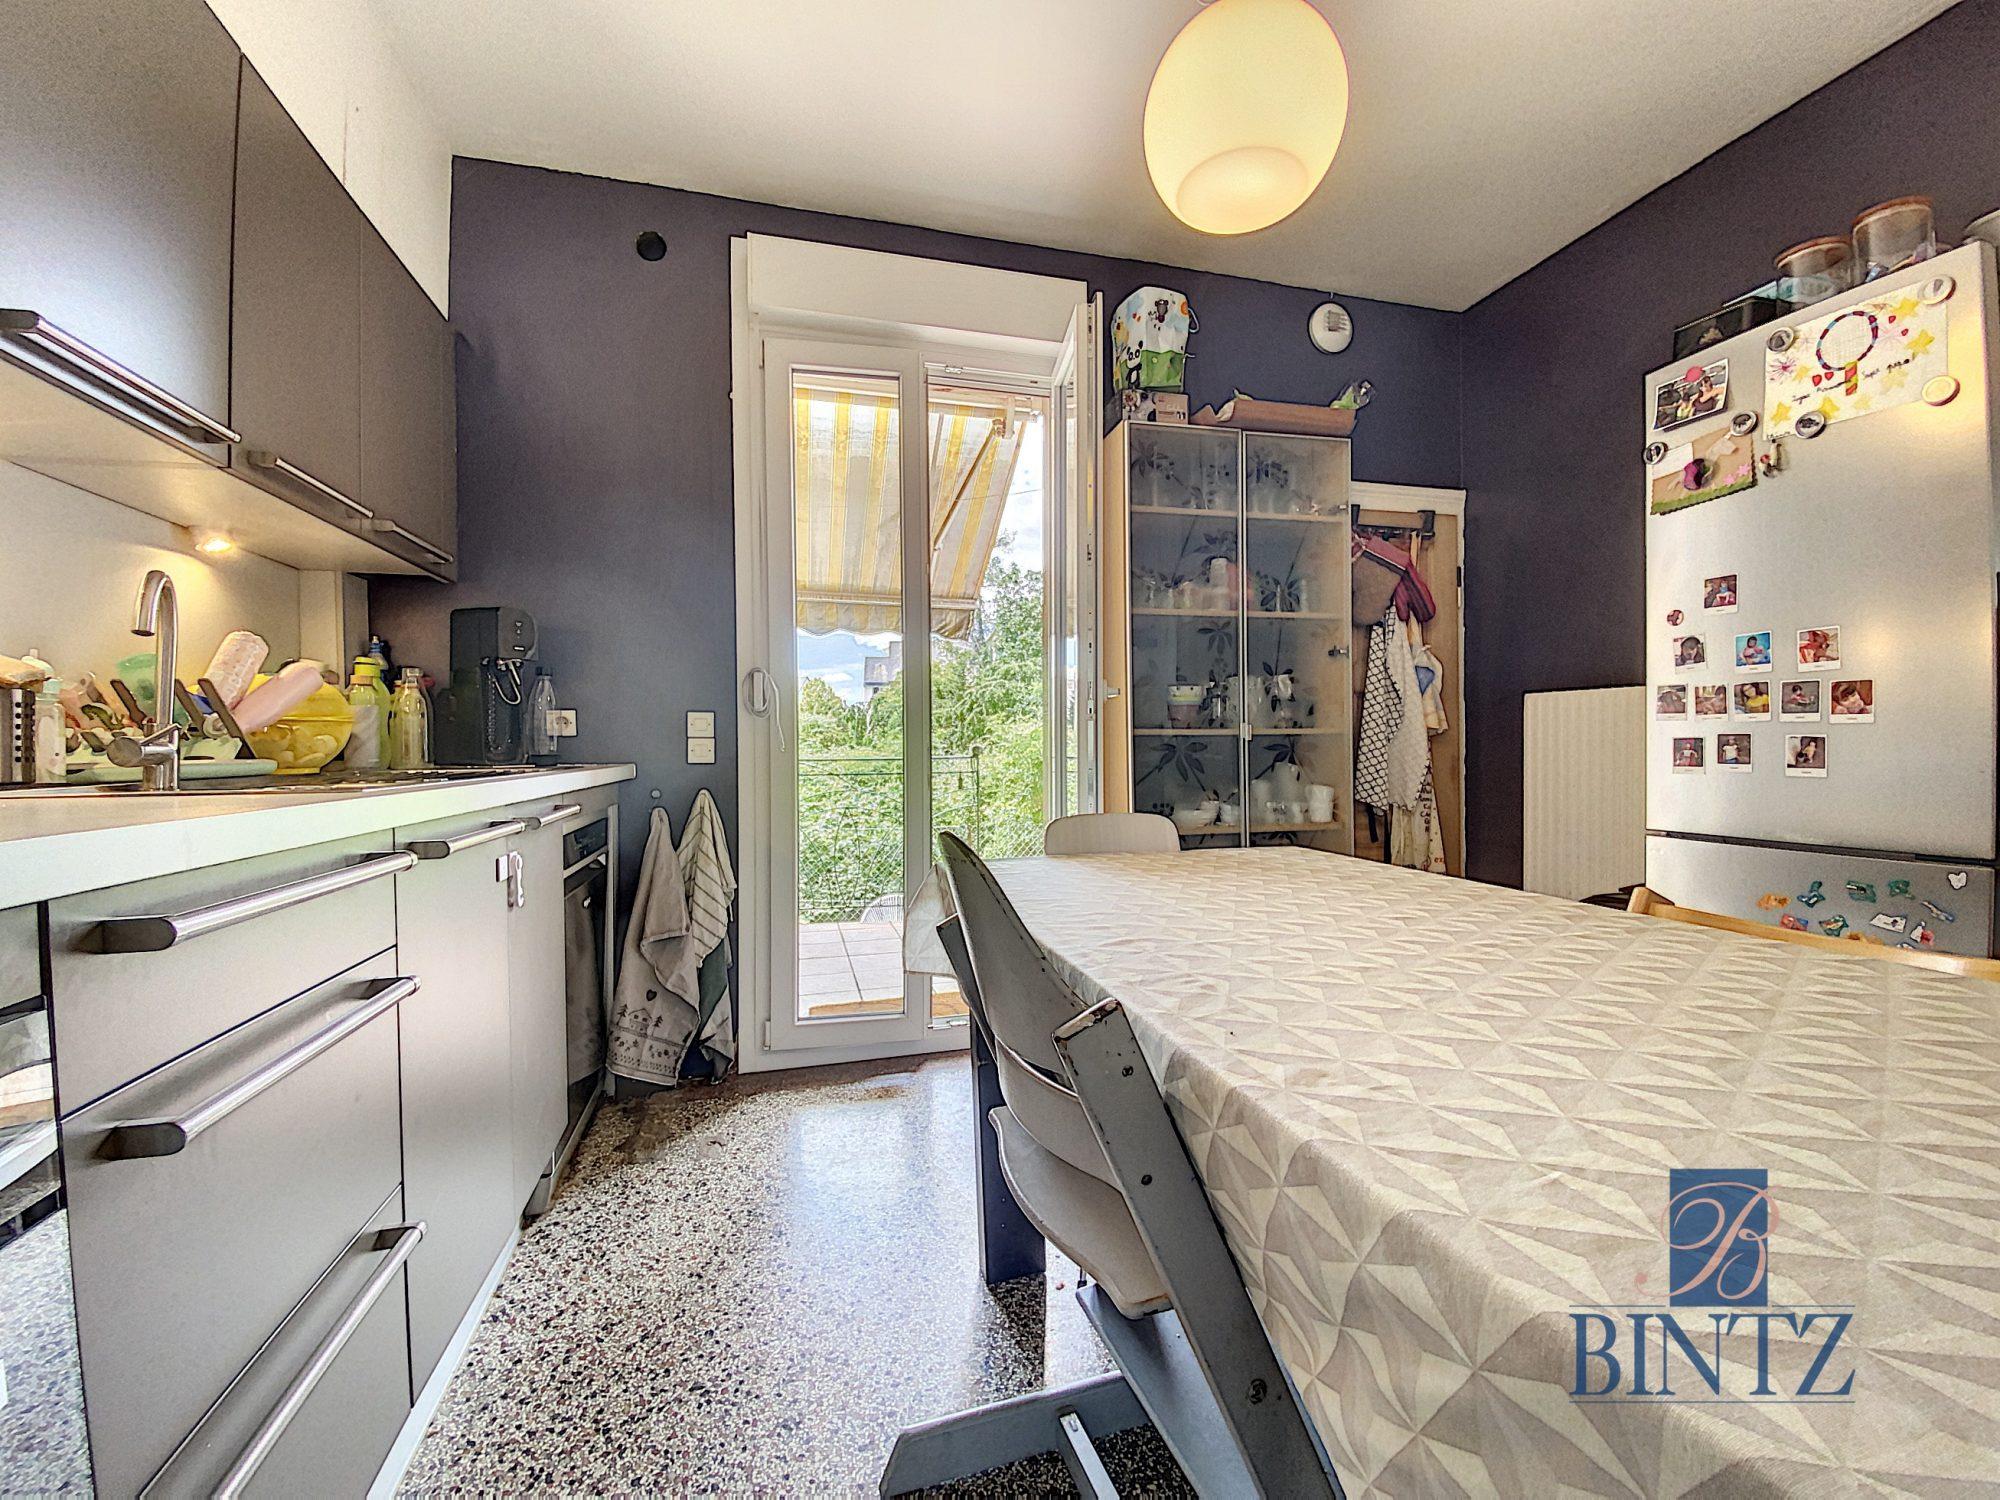 3 pièces avec terrasse à la Robertsau - Devenez propriétaire en toute confiance - Bintz Immobilier - 5